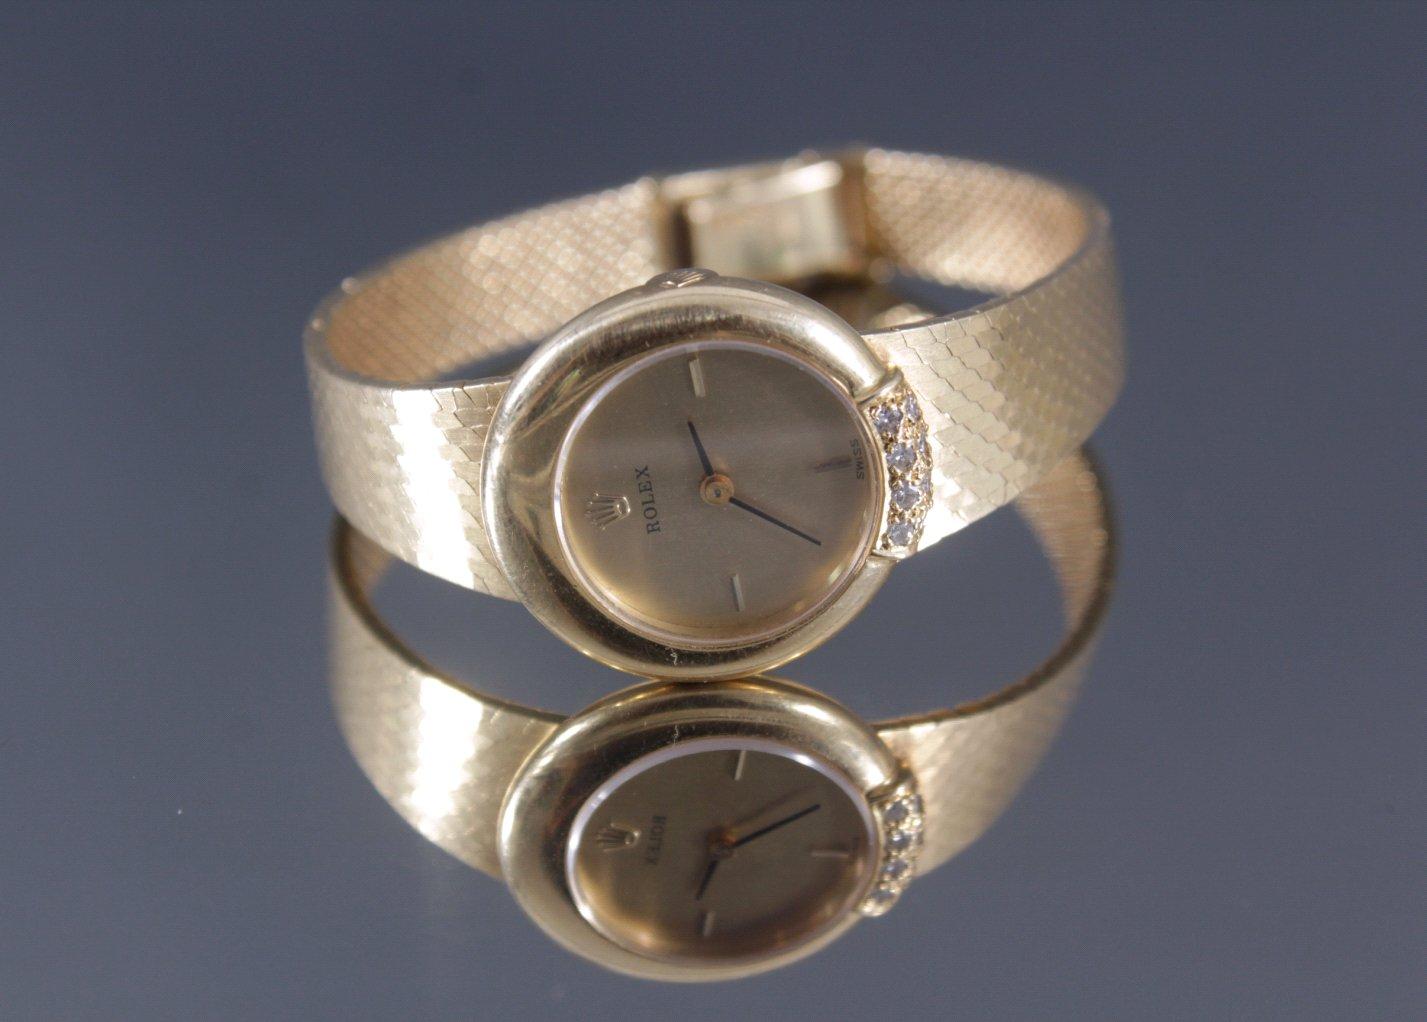 Rolex Damenarmbanduhr A 277-51-5